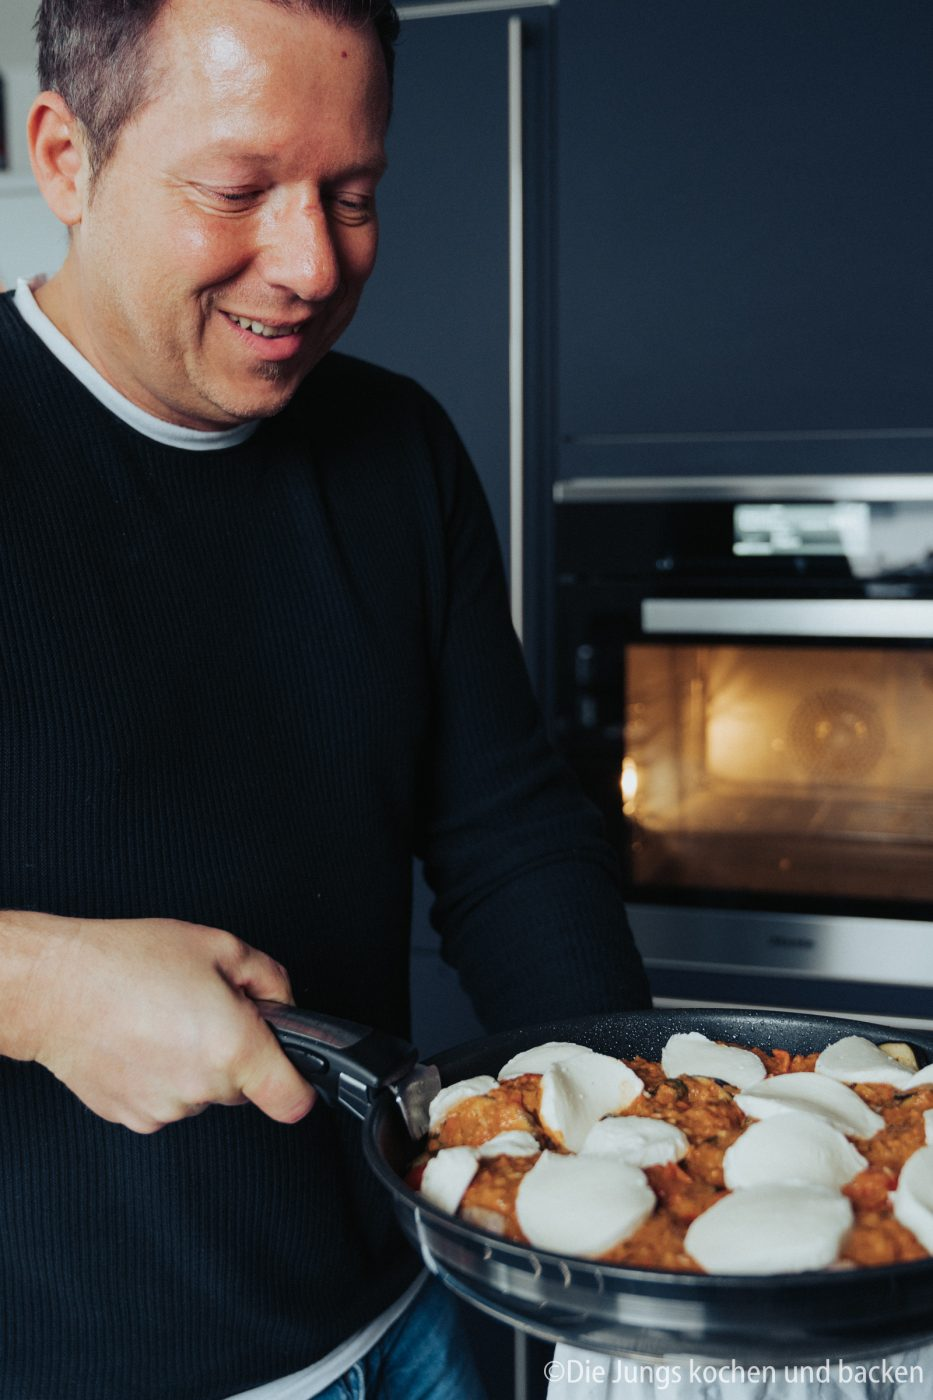 Tefal Schweinefilet italienisch 12 | Wir hatten schon ewig nichts Überbackenes mehr für euch hier und auch bei uns auf dem Tisch. Zu einem gemütlichen Spielenachmittag mit Freunden hatten wir aber richtig Lust auf ein leckeres Gericht, das mit Käse überbacken wird. Es sollte praktisch sein, gut vorzubereiten und nicht so ganz aufwändig. All das sind unsere überbackenen Schweinemedaillons mit Aubergine. Ein guter Grund dafür - es kommt in eine Pfanne, die Pfanne in den Ofen und dann auch auf den Tisch! Was ist das also für eine neue Pfanne??